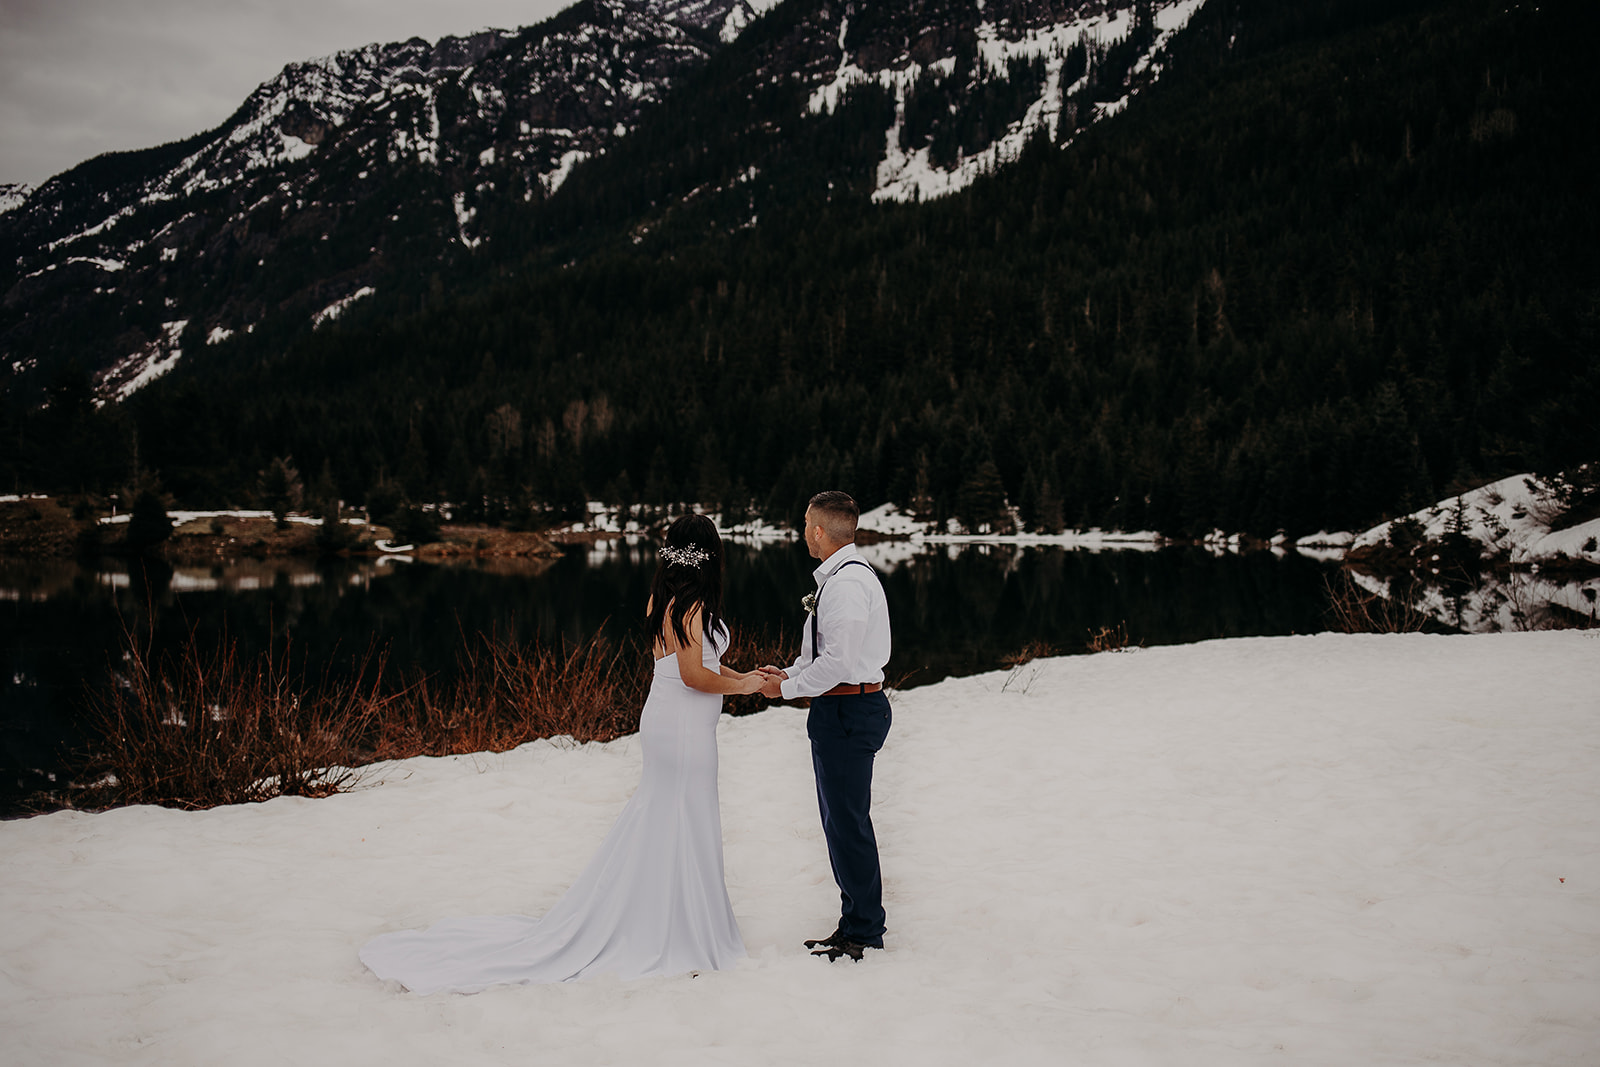 winter-mountain-elopement-asheville-wedding-photographer-megan-gallagher-photographer (39).jpg